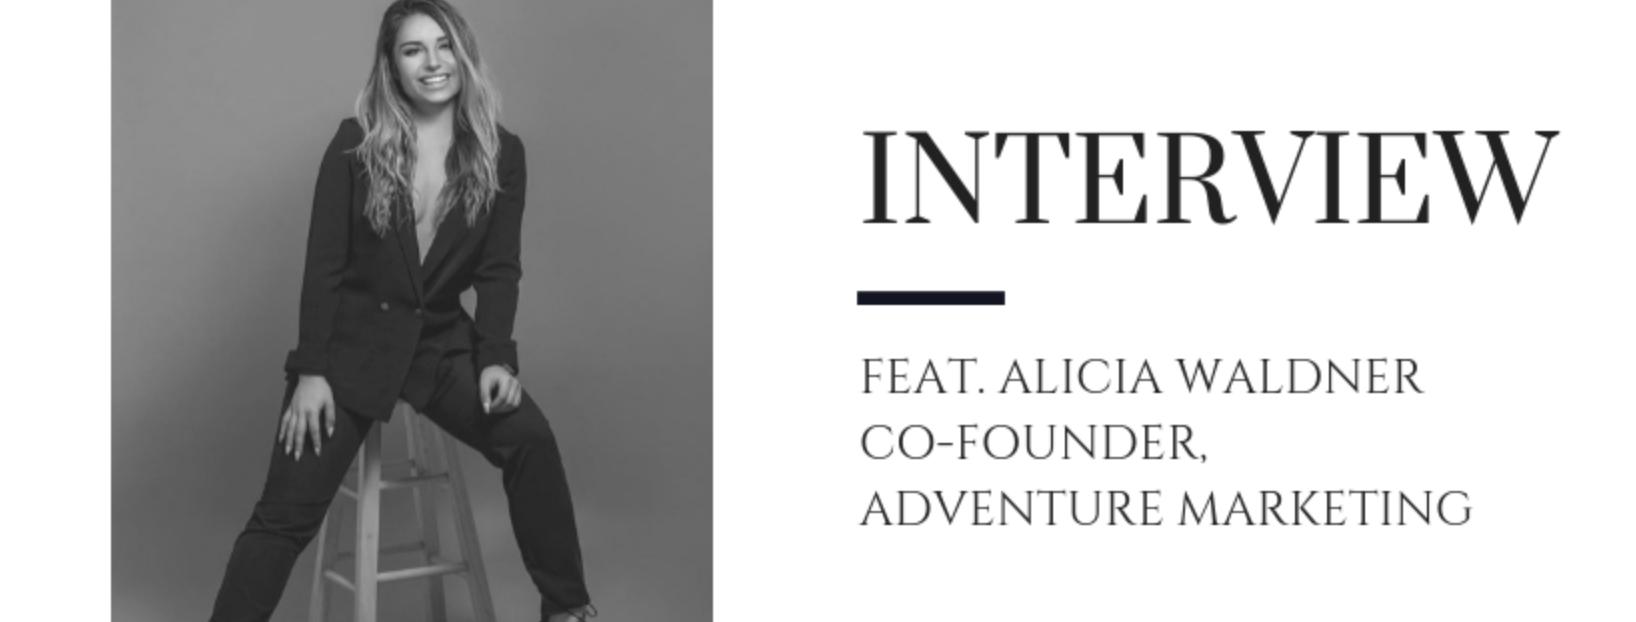 vowandvast_Interview_AliciaWaldner_ADventureMarketing_entrepreneur.png